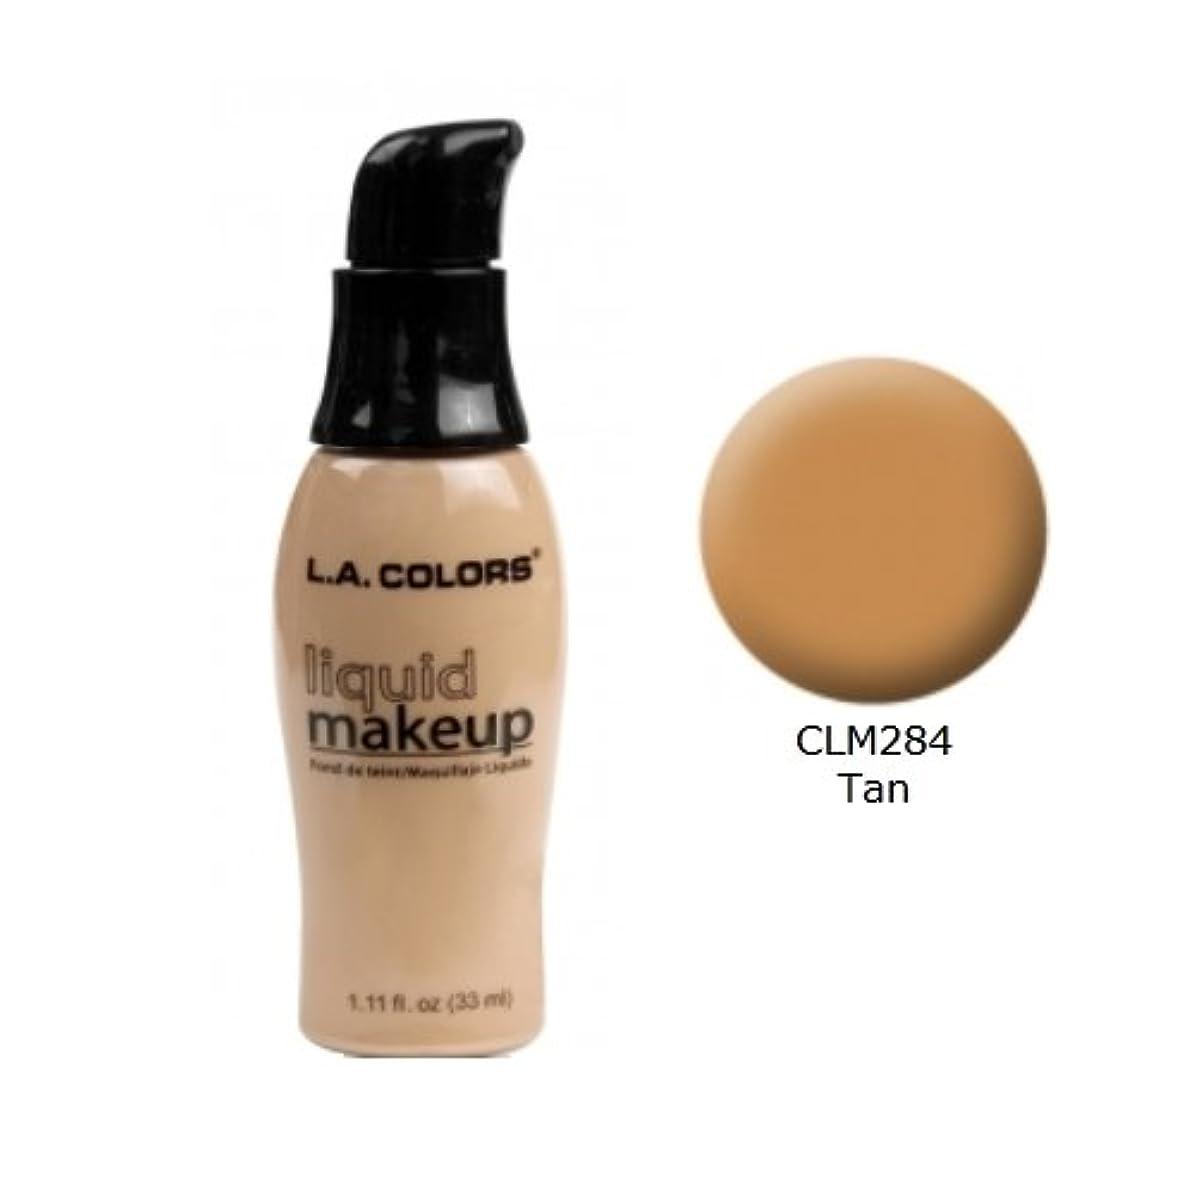 開梱運命的なボード(3 Pack) LA COLORS Liquid Makeup - Tan (並行輸入品)